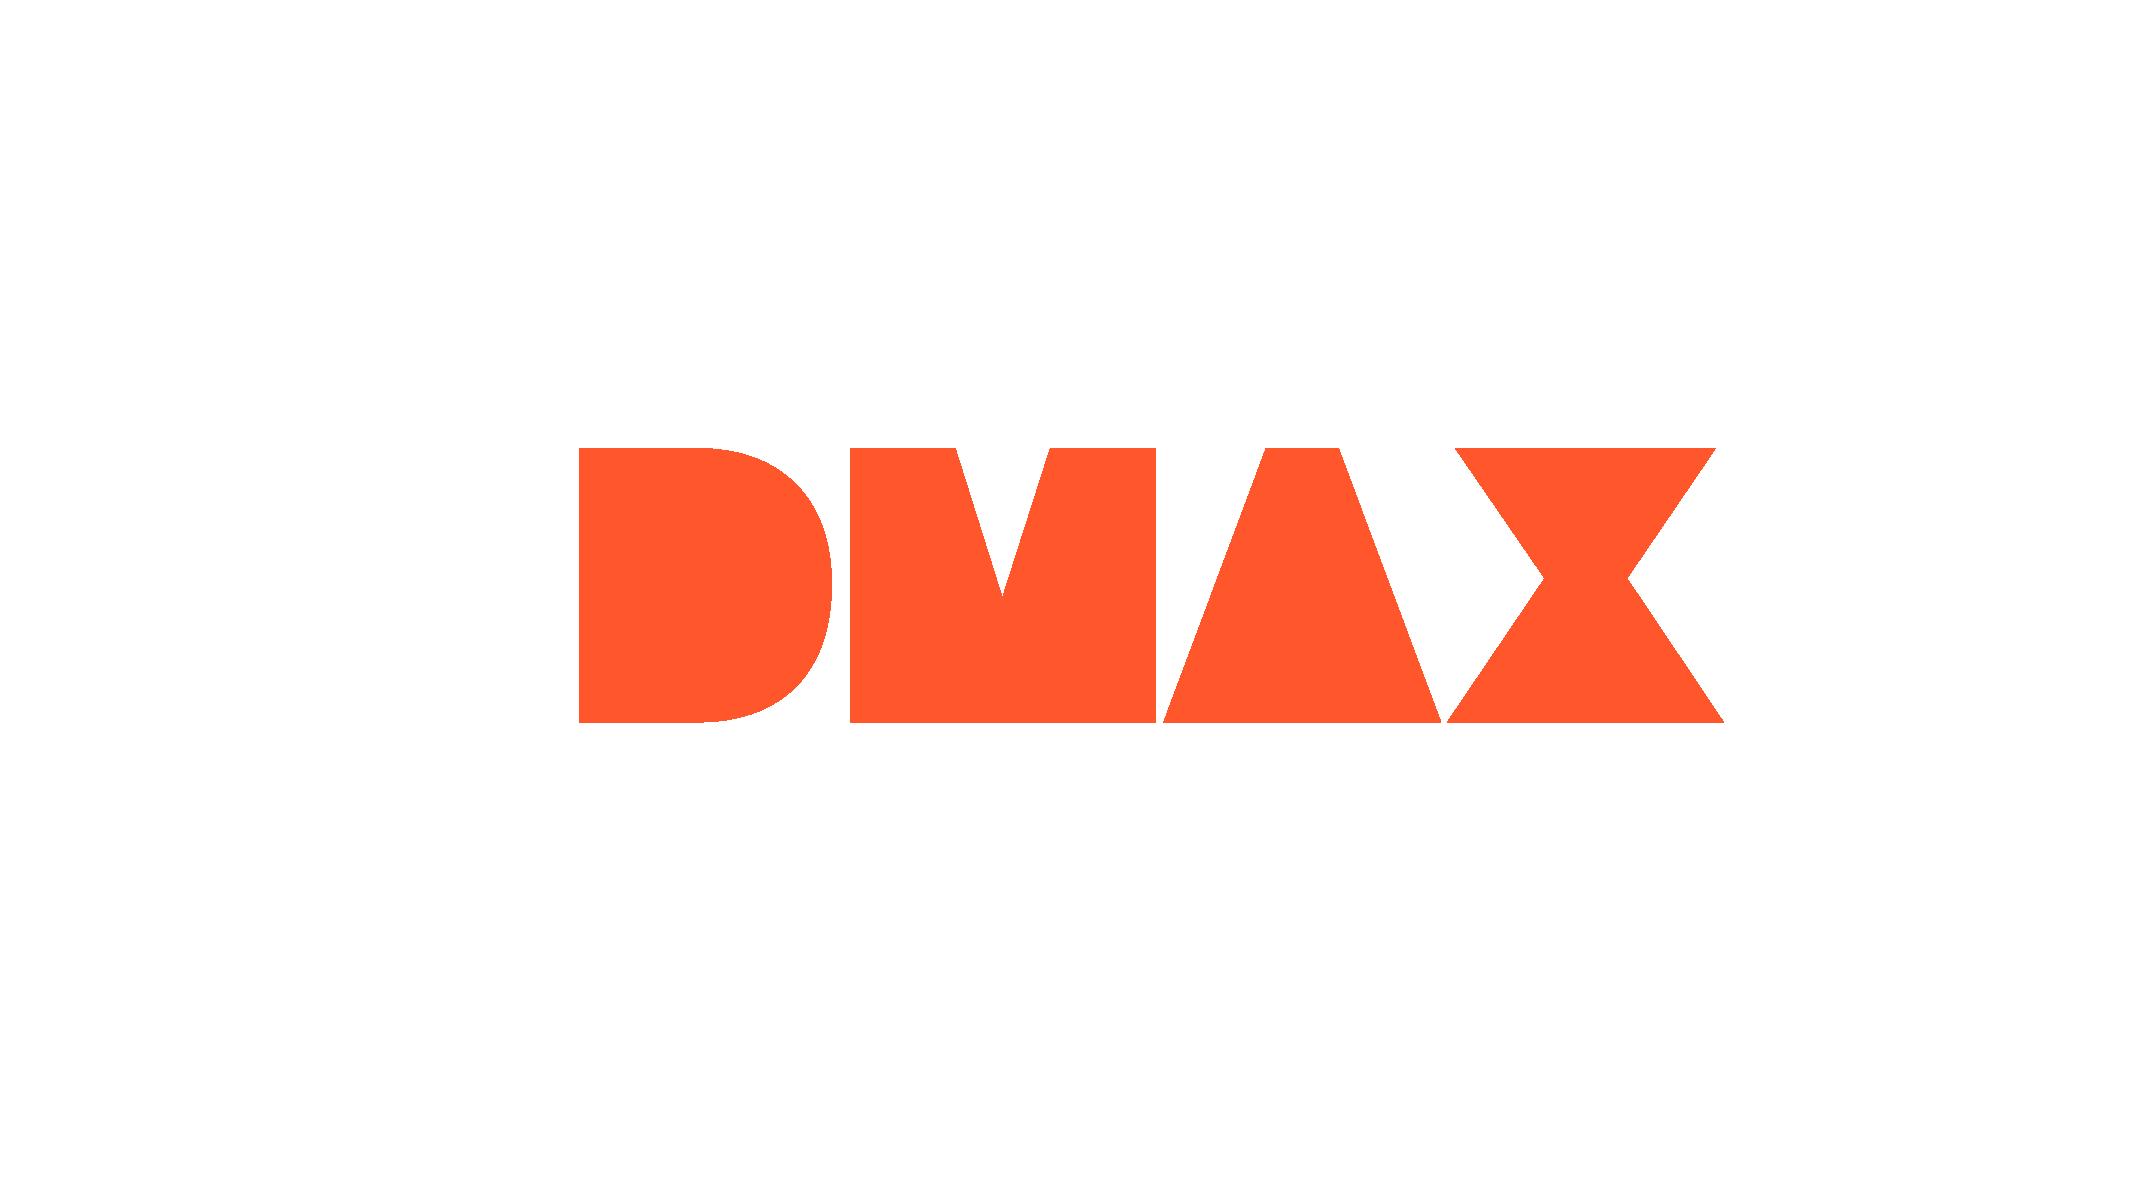 DMAX HD im Kabelfernsehen